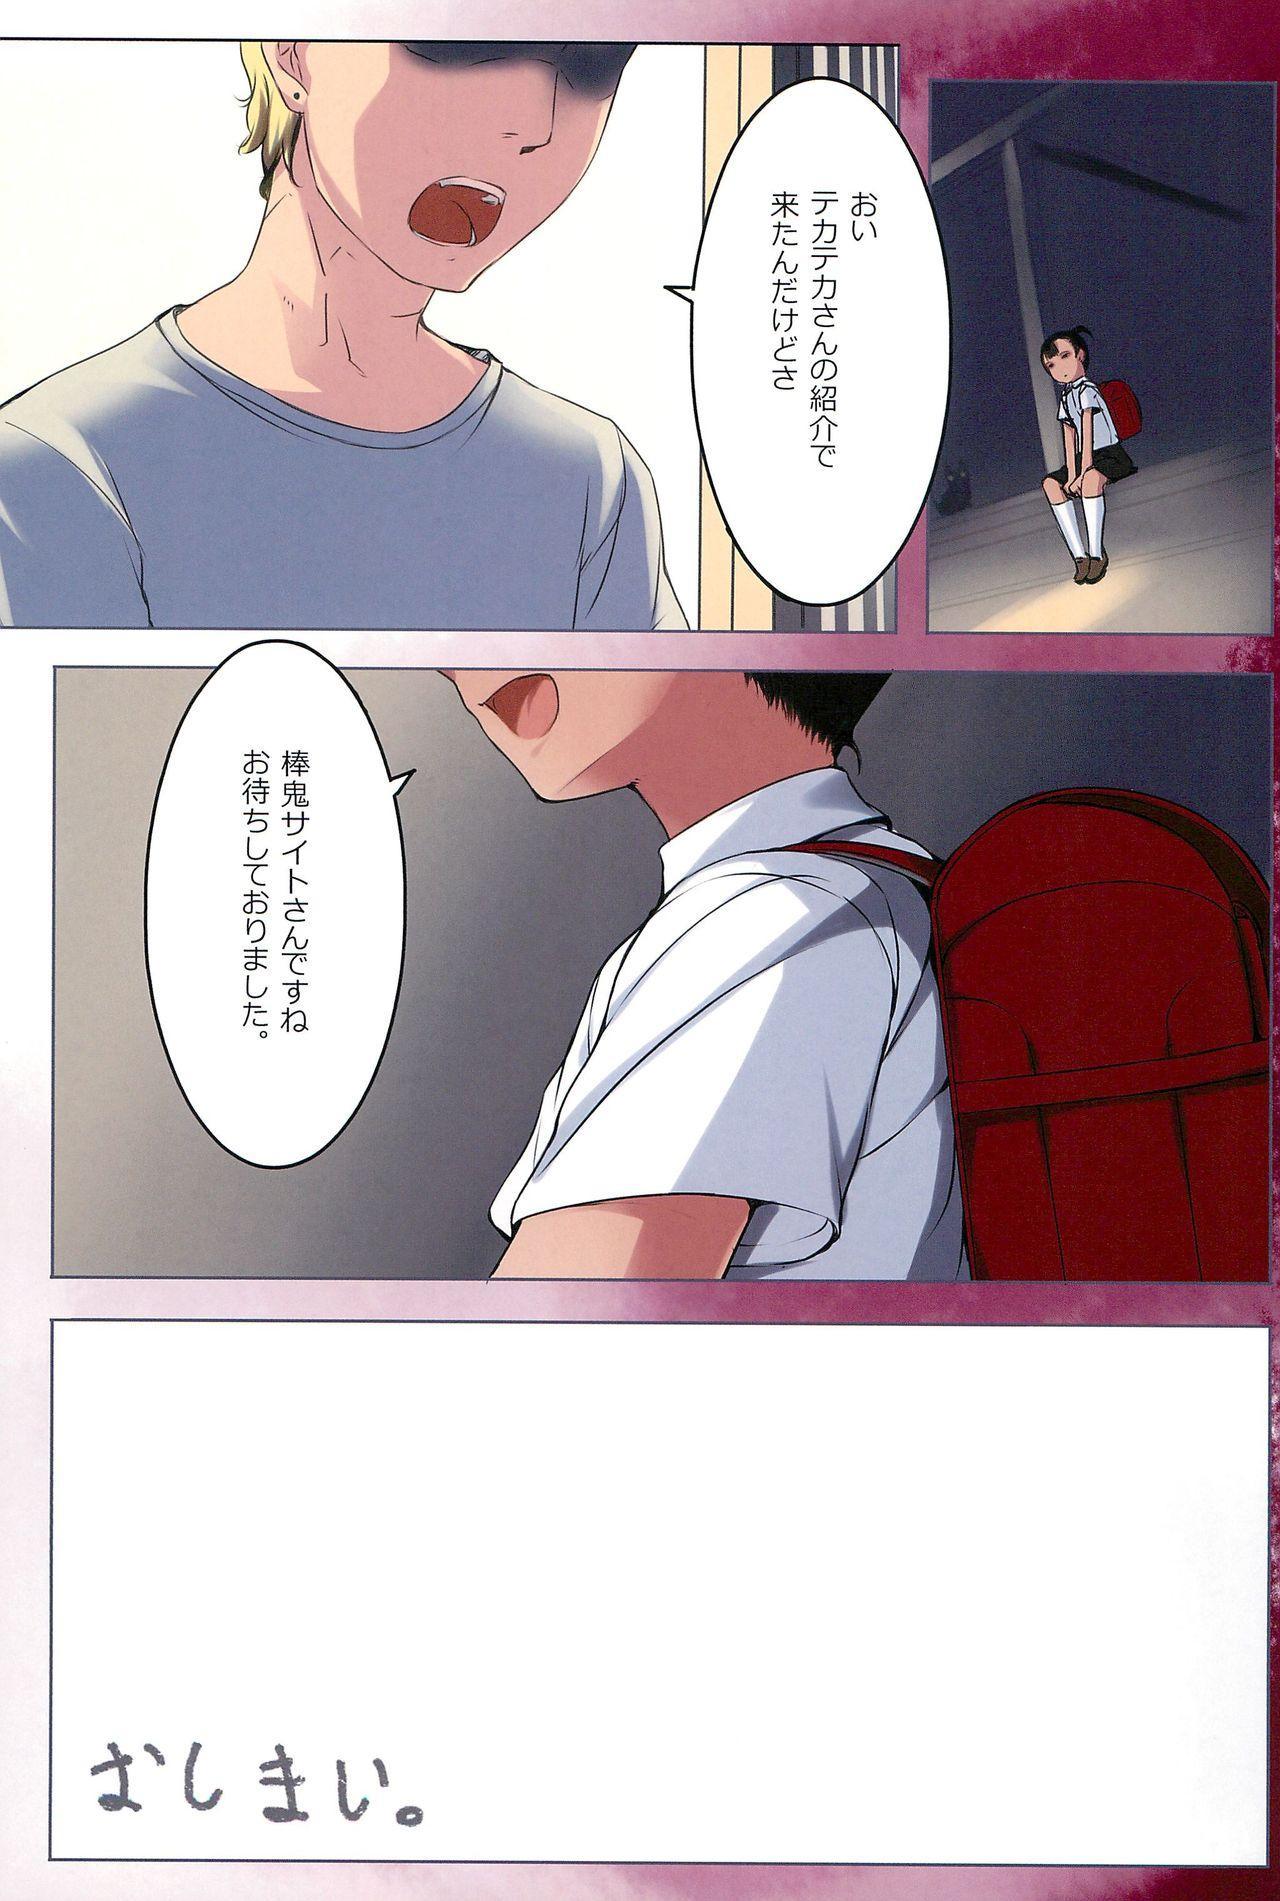 Chicchai Ko no Hon vol.2 14